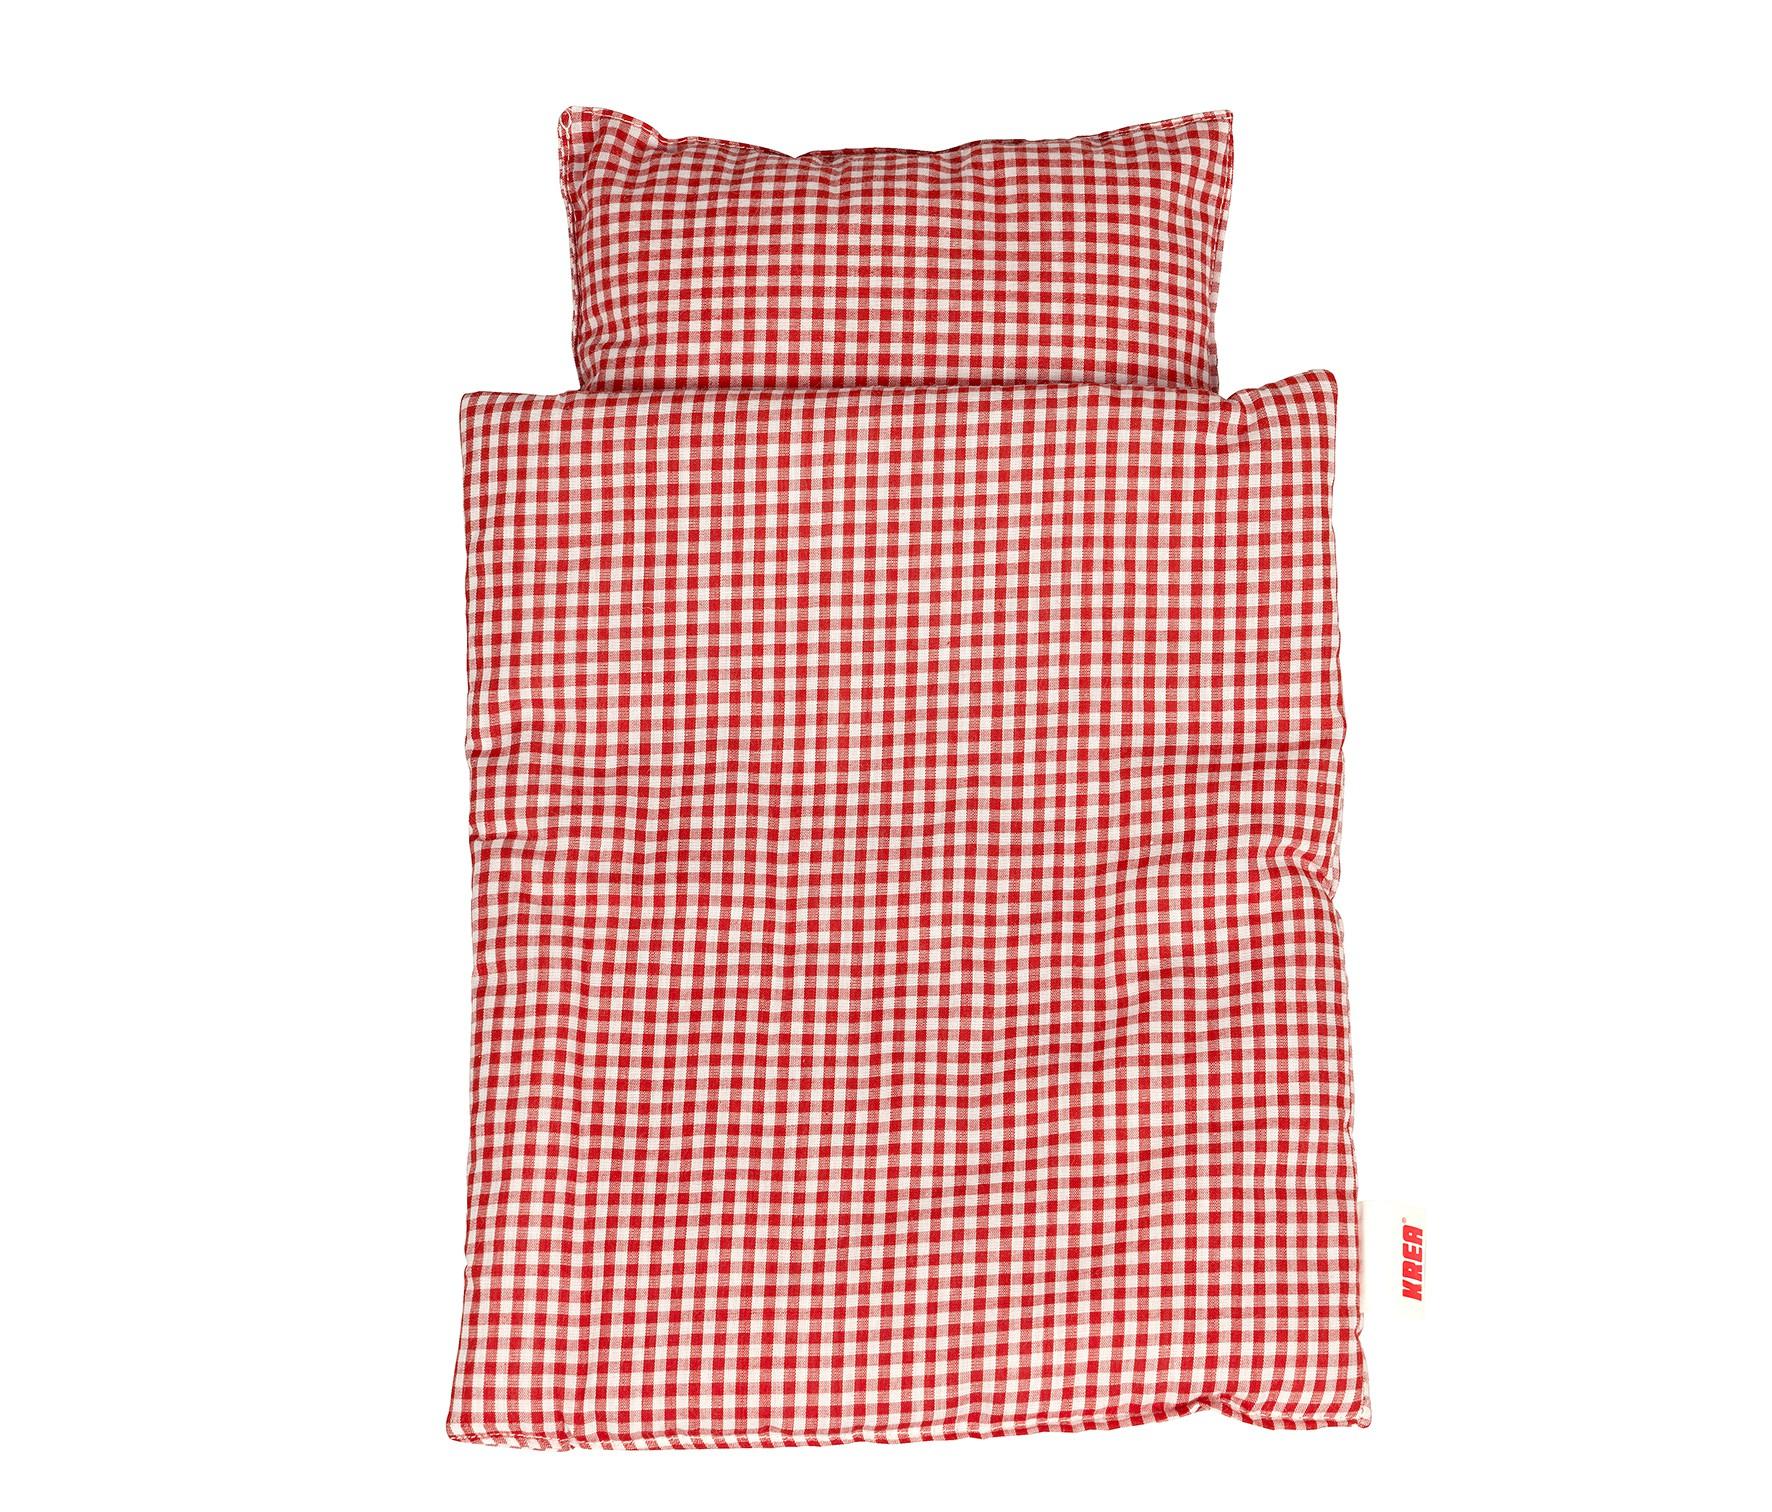 KREA Docksängkläder - Röd